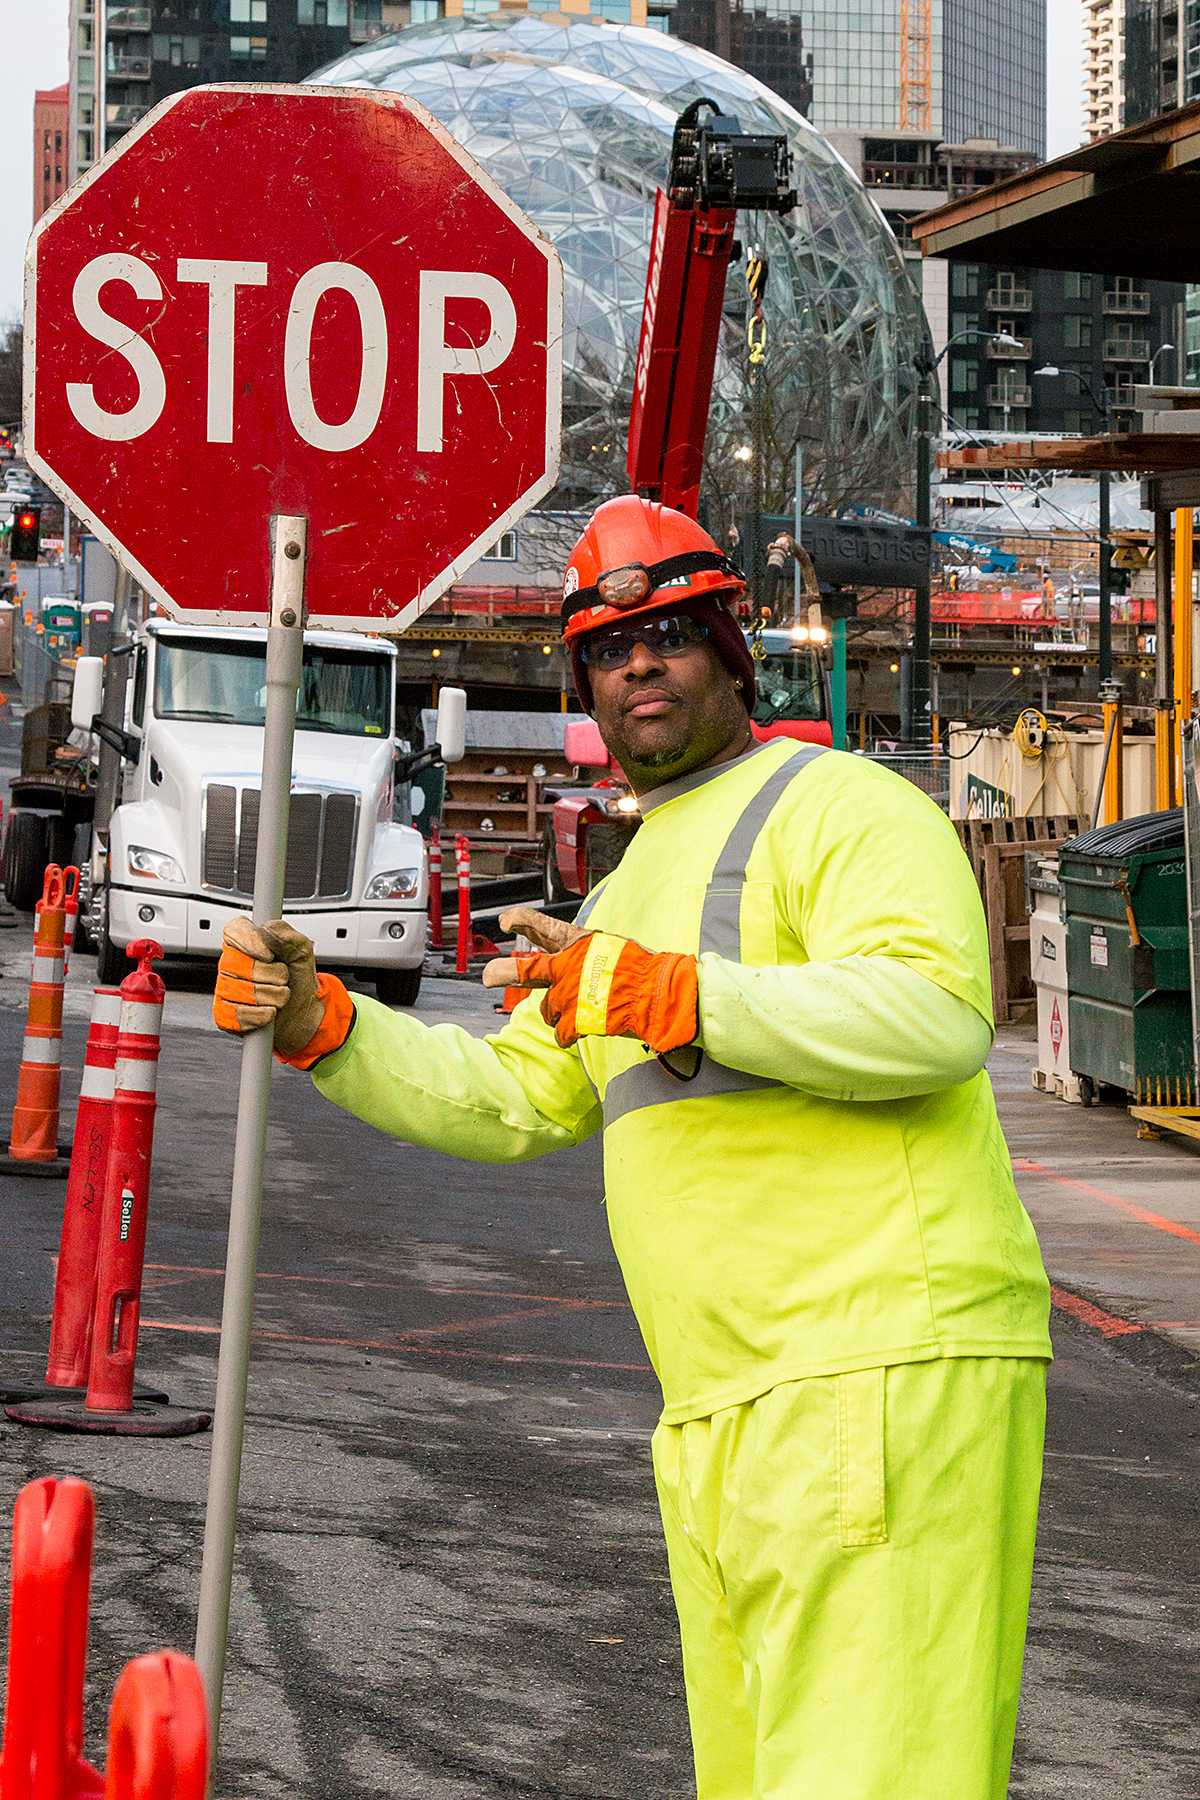 Baustellenarbeiter mit mobiler STOP-Tafel